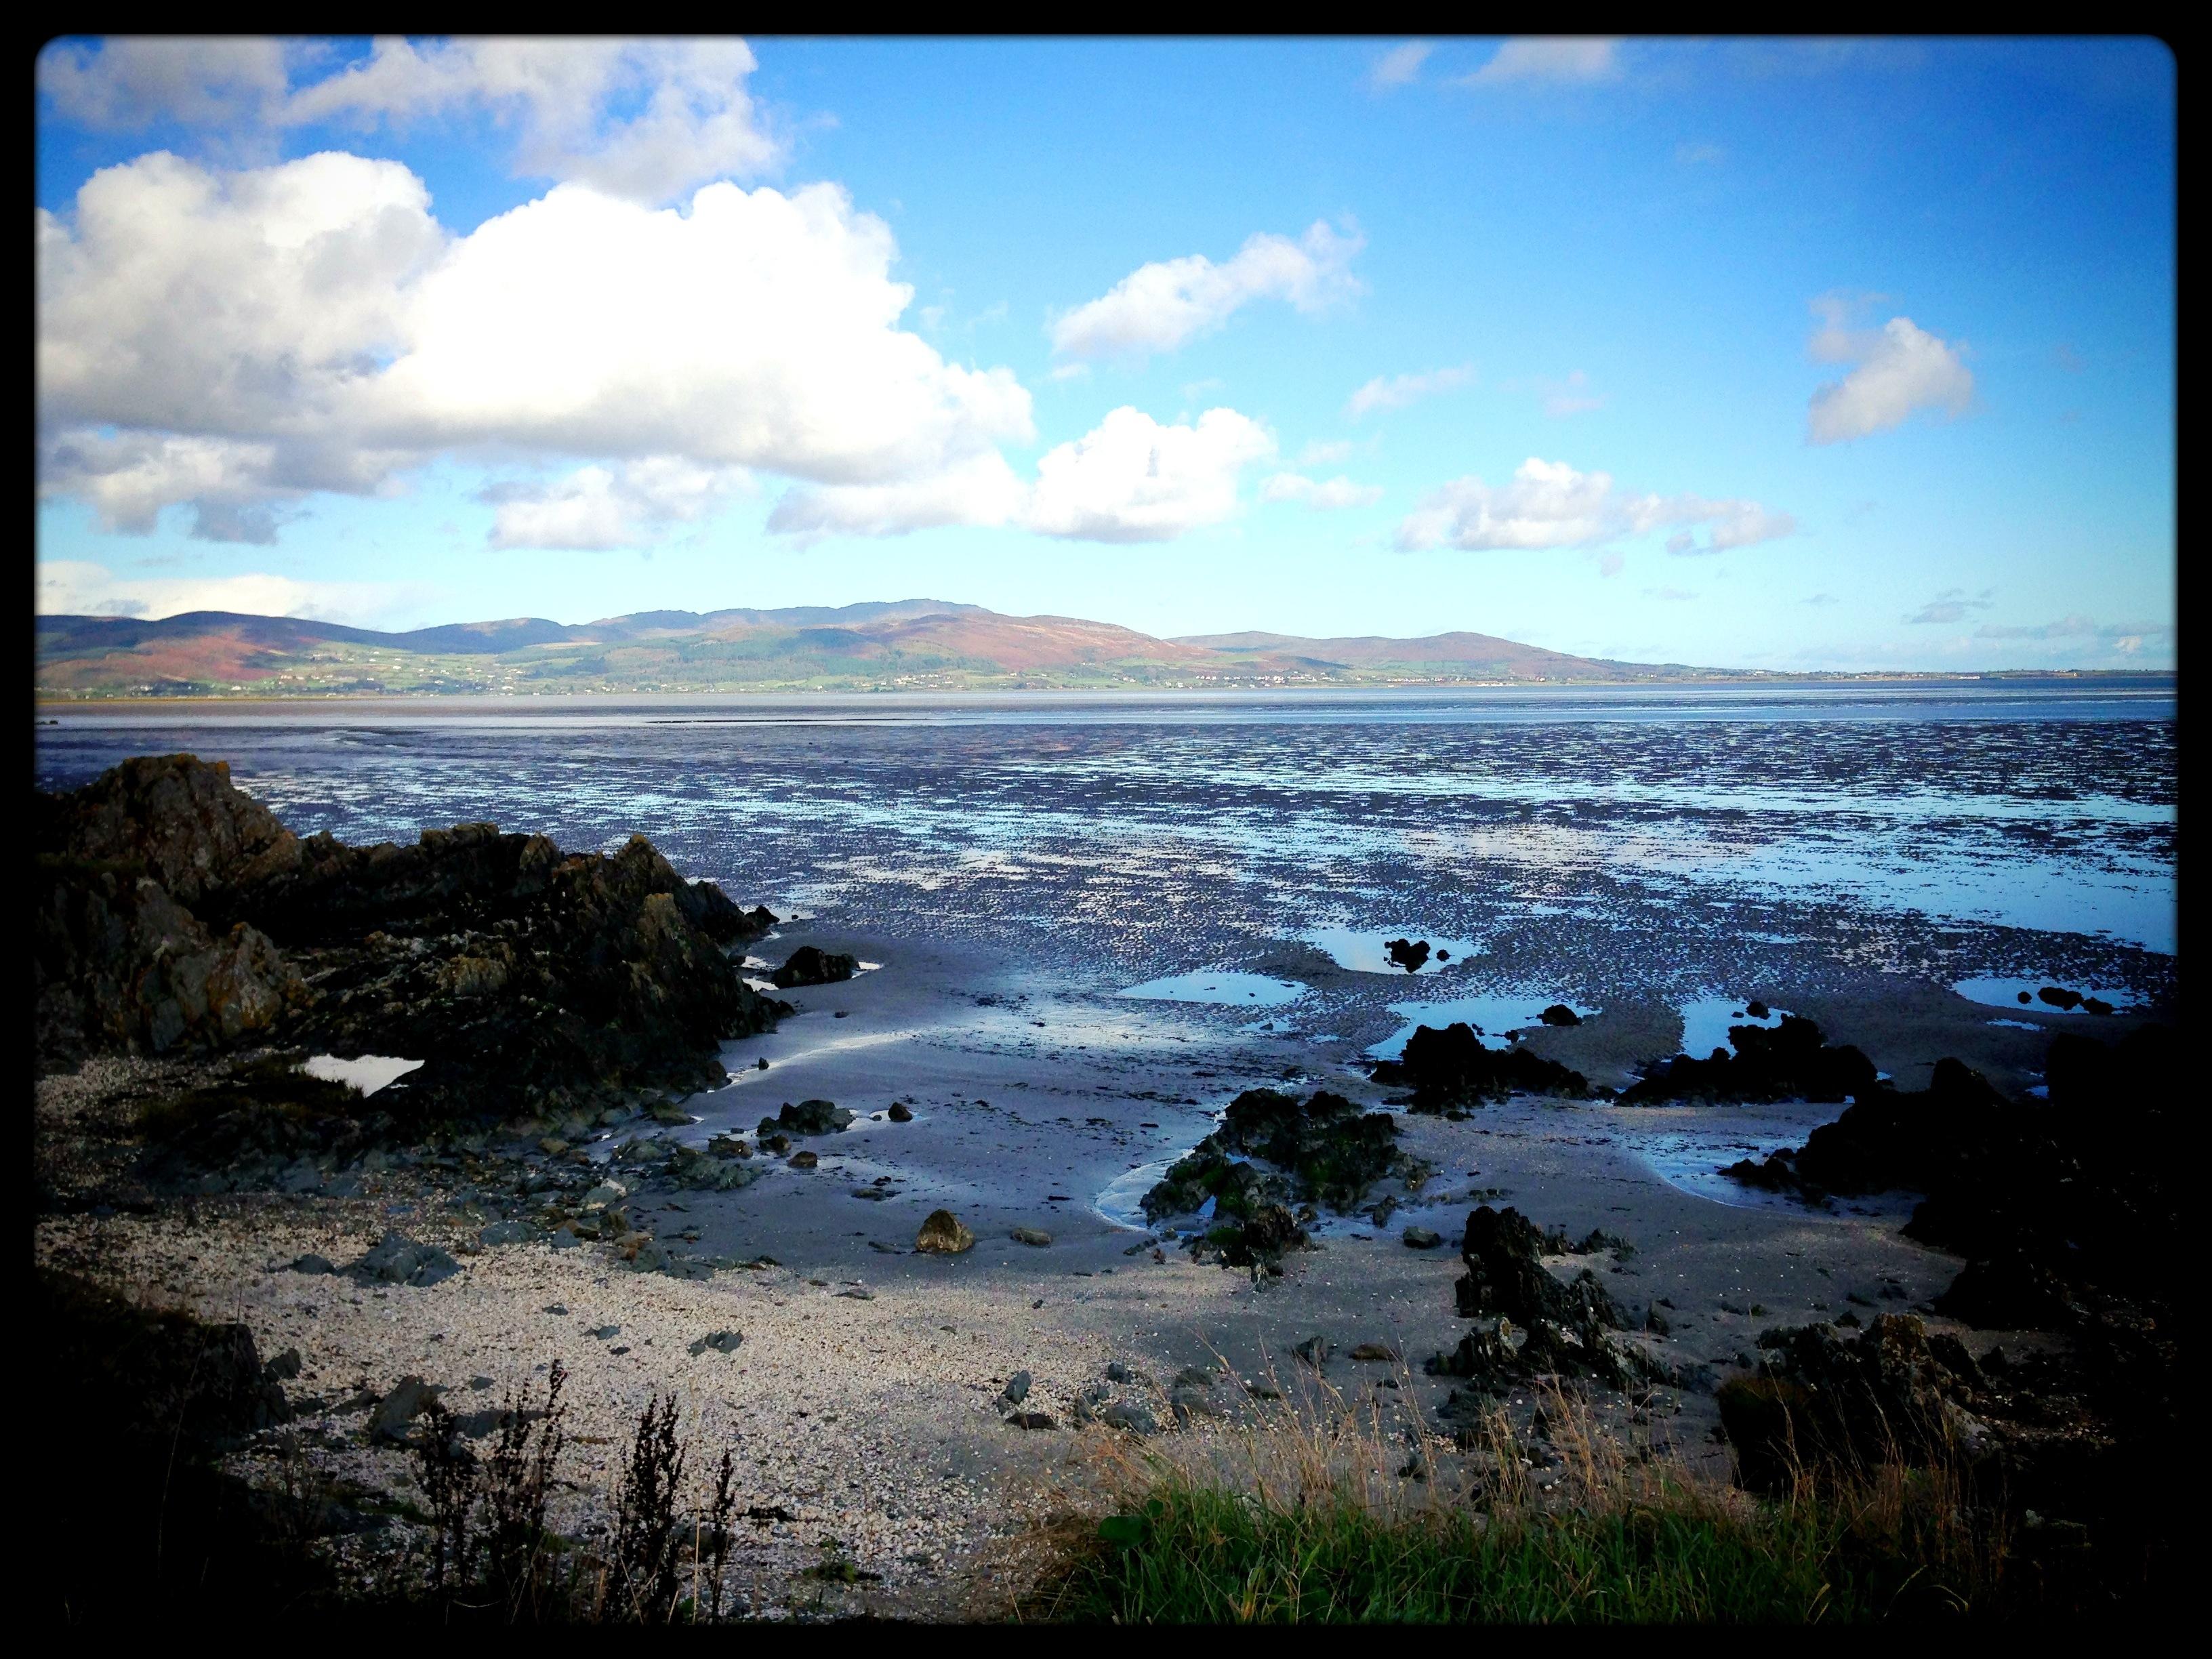 デスクトップ壁紙 青 アイルランド 海 山々 ビーチ 雲 シーサイド 口唇 ブラックロック Iphone ダンドーク Flickrmobileによるアップロード Flickriosapp Filter Nofilter 3264x2448 9715 デスクトップ壁紙 Wallhere